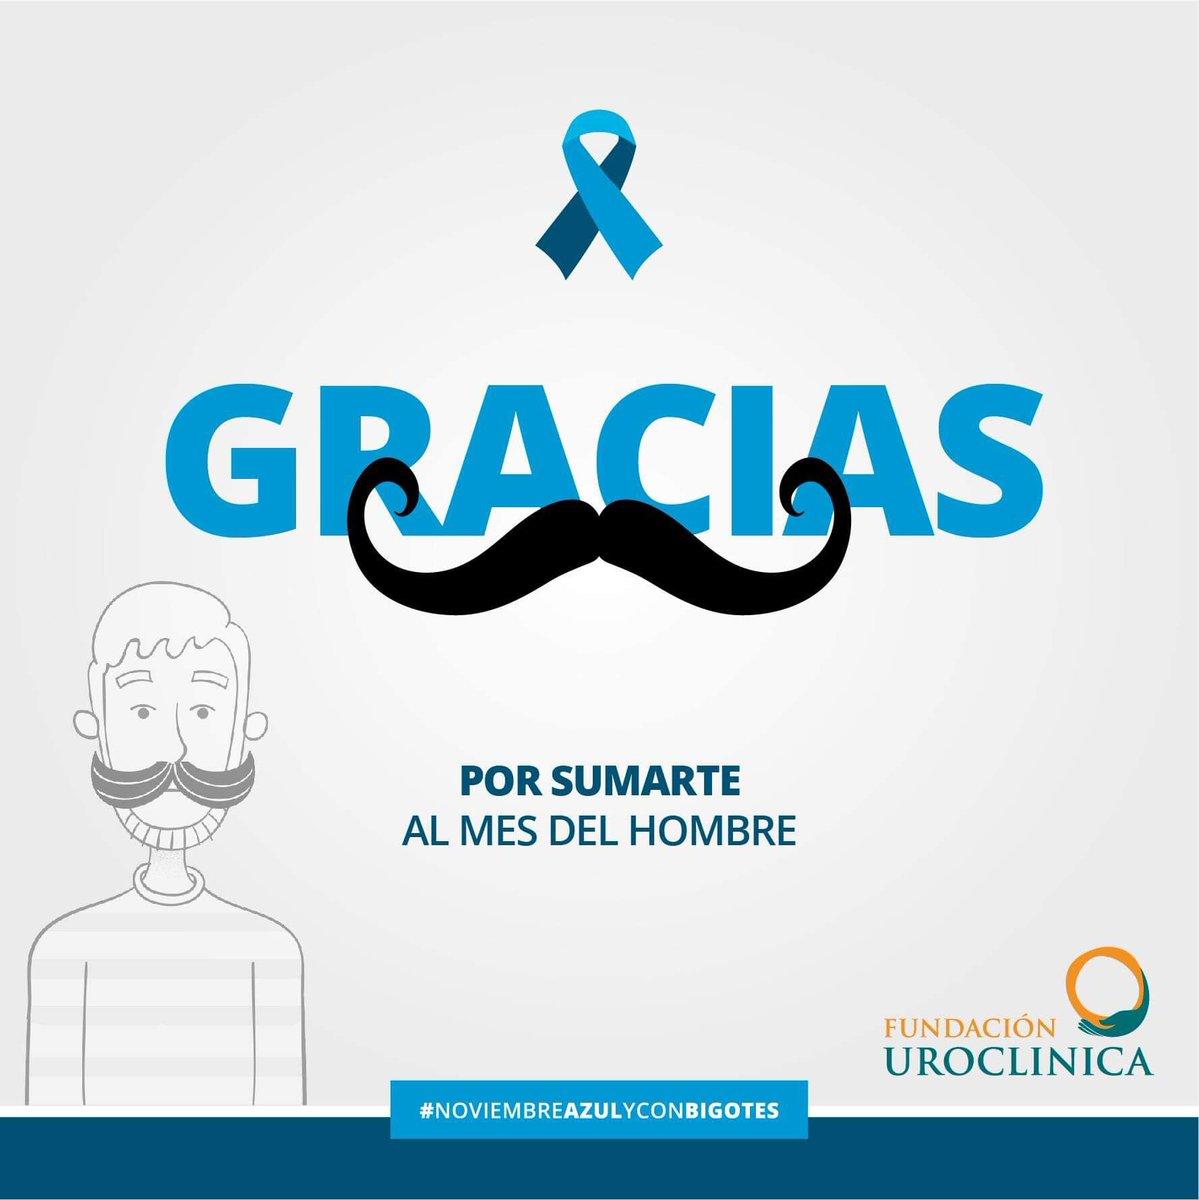 tratamiento del cáncer de próstata nihuil